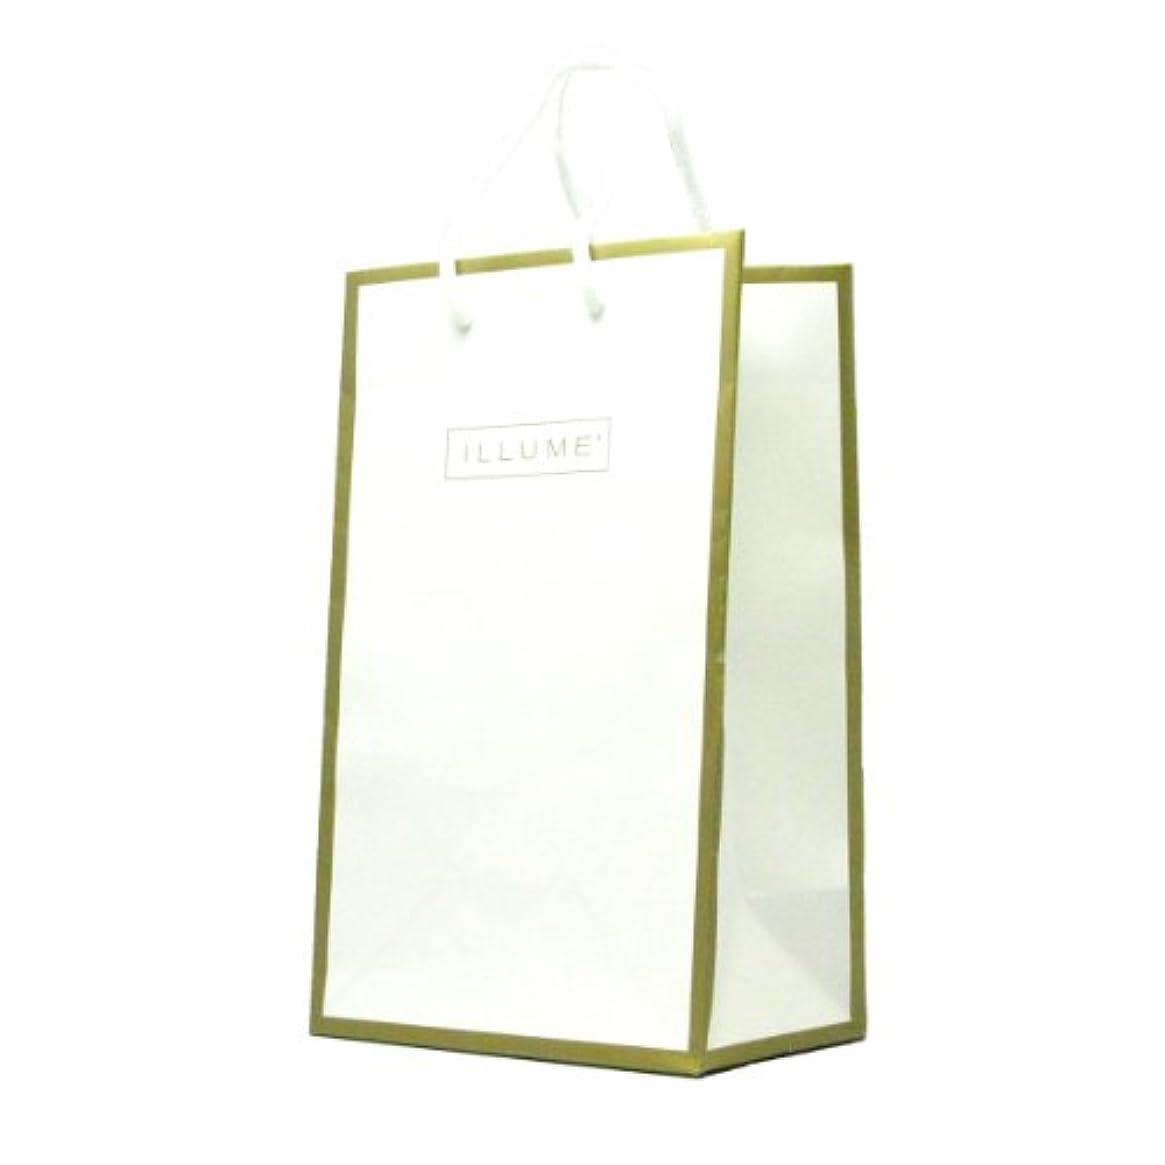 イリューム(ILLUME) ギフトバッグ(Gift Bag) (ILLUMEギフトバッグ)